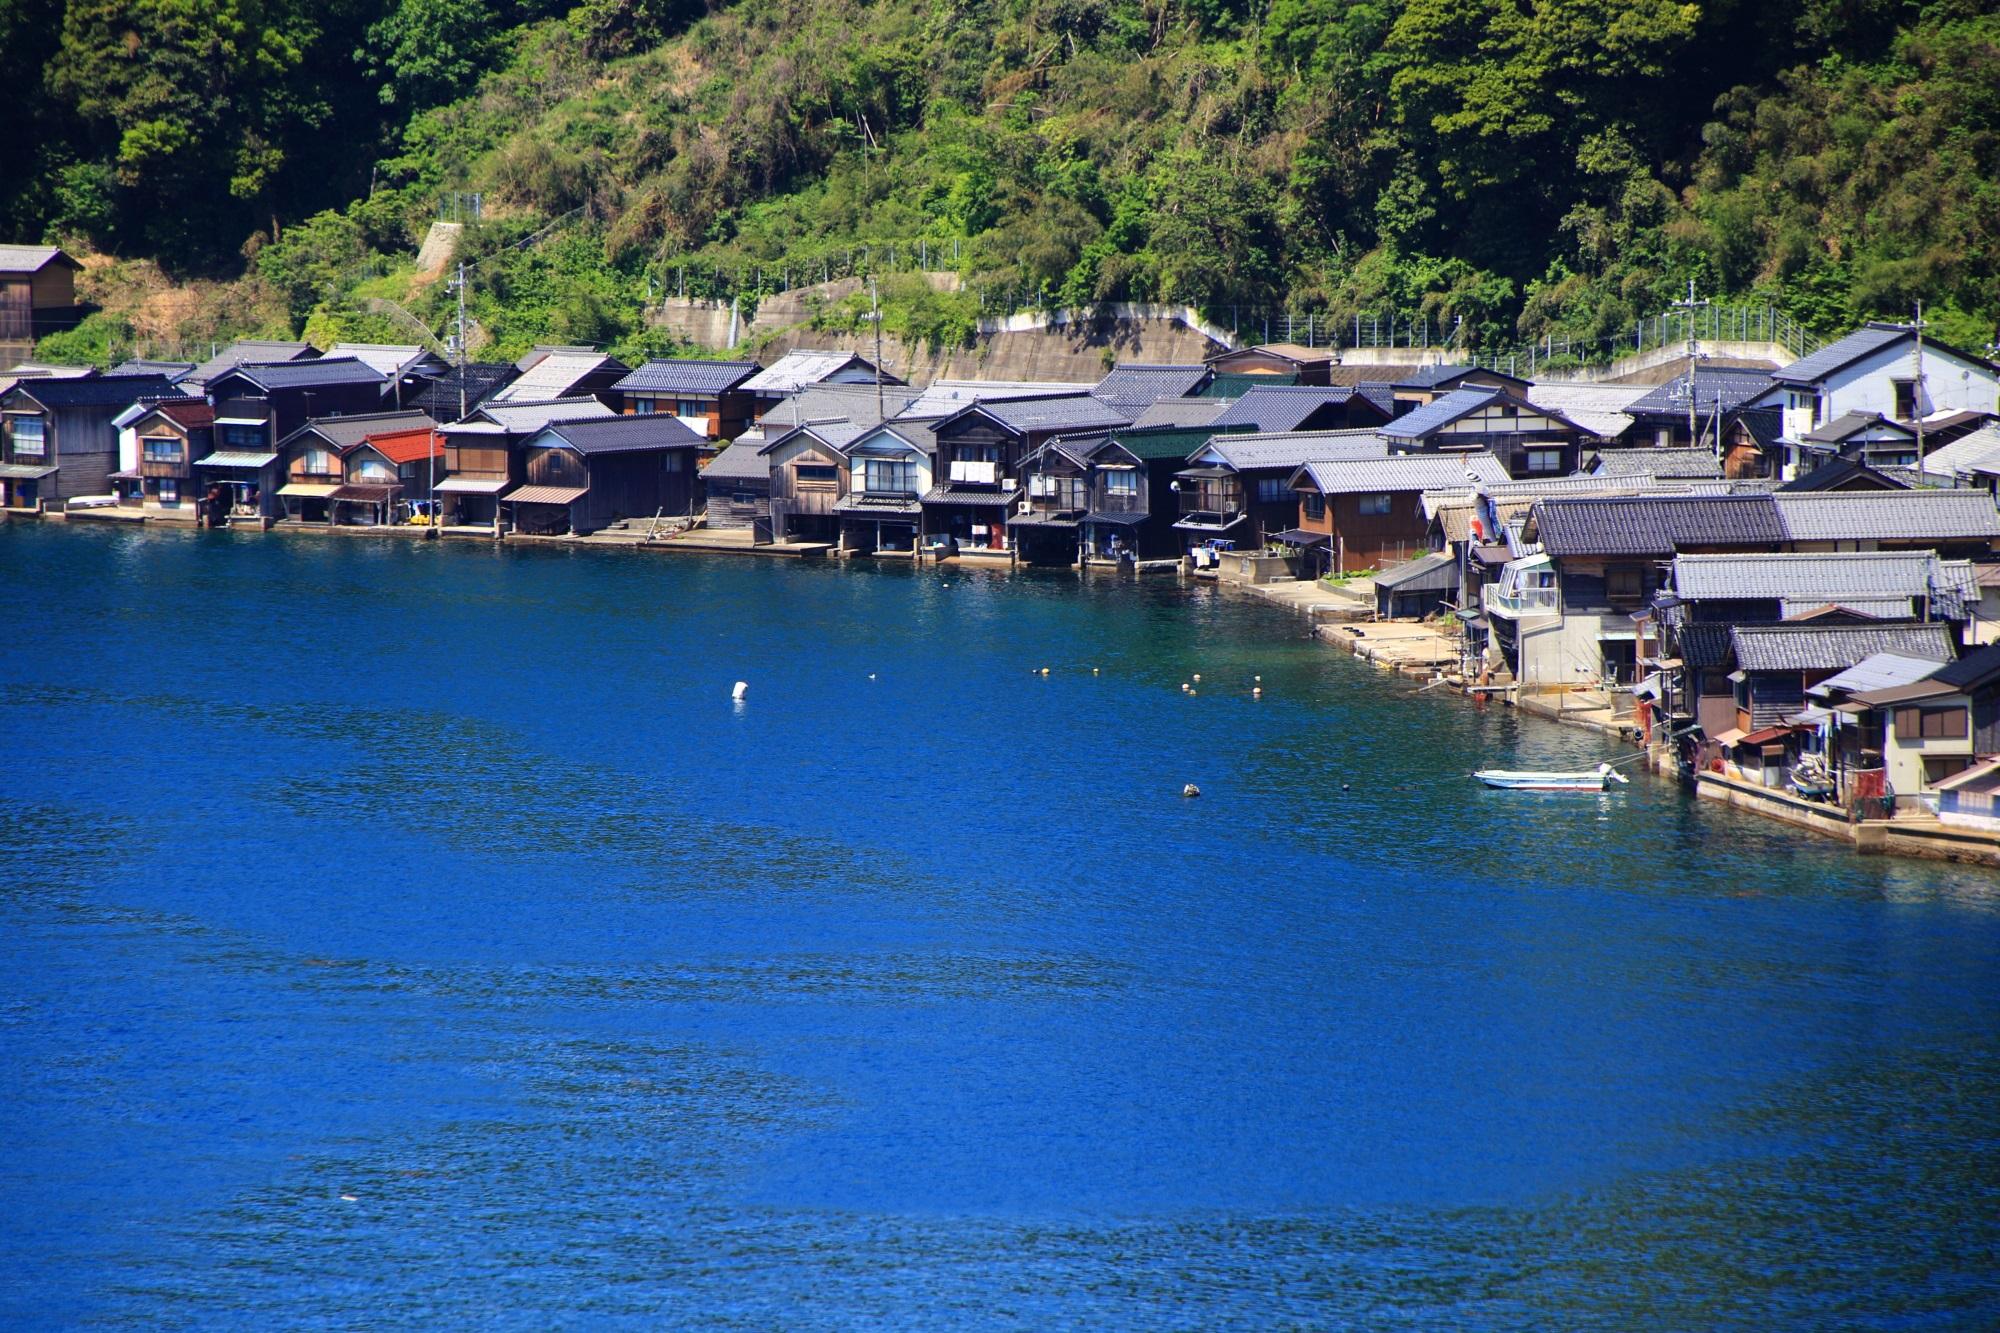 山の麓と海の間にびっしりと建つ伊根の舟屋